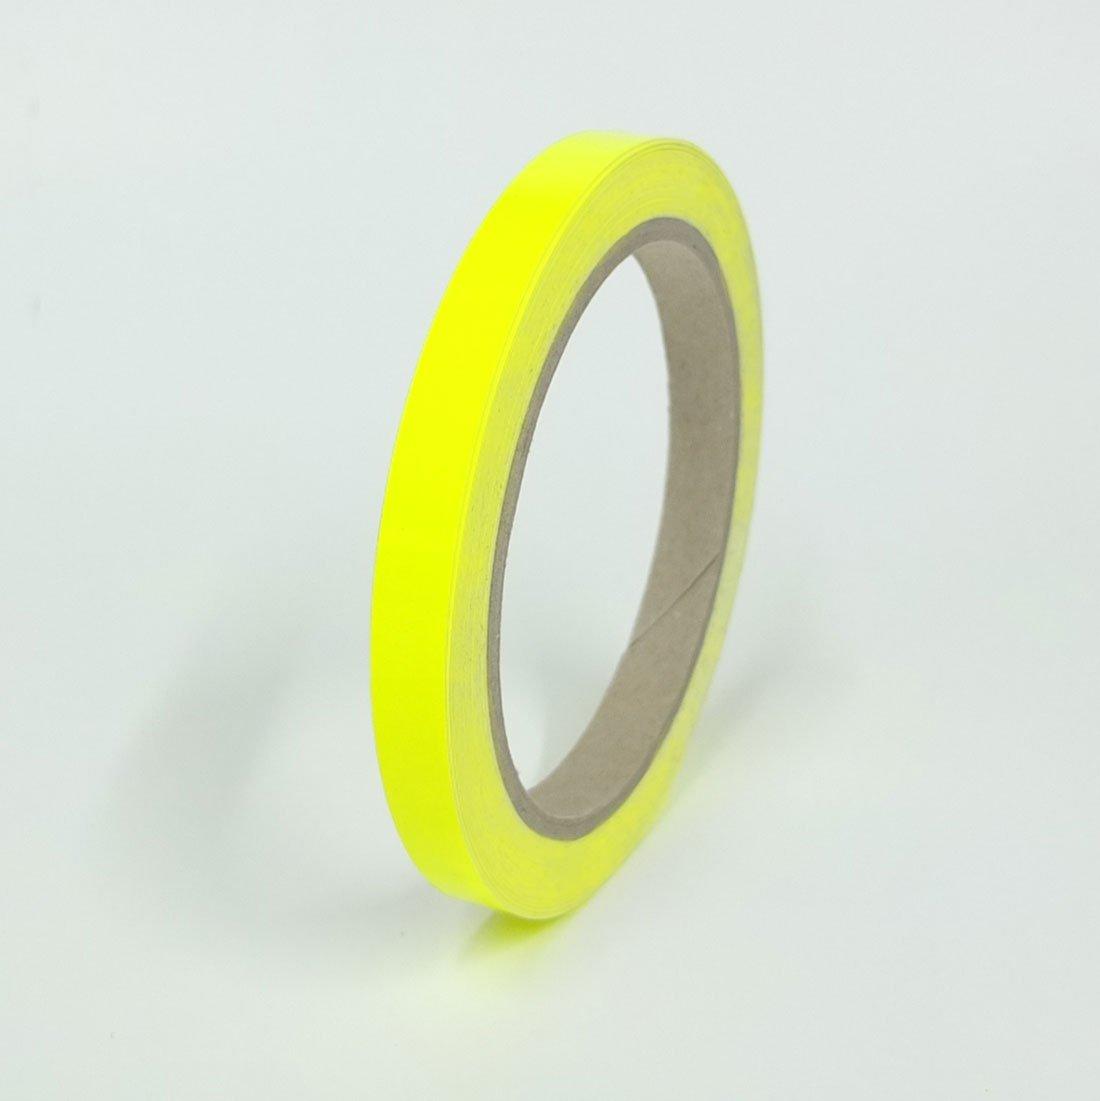 10m Rolle Signalfarbe CANOSIGN Zierstreifen Neon Gelb Fluoreszierend 5mm